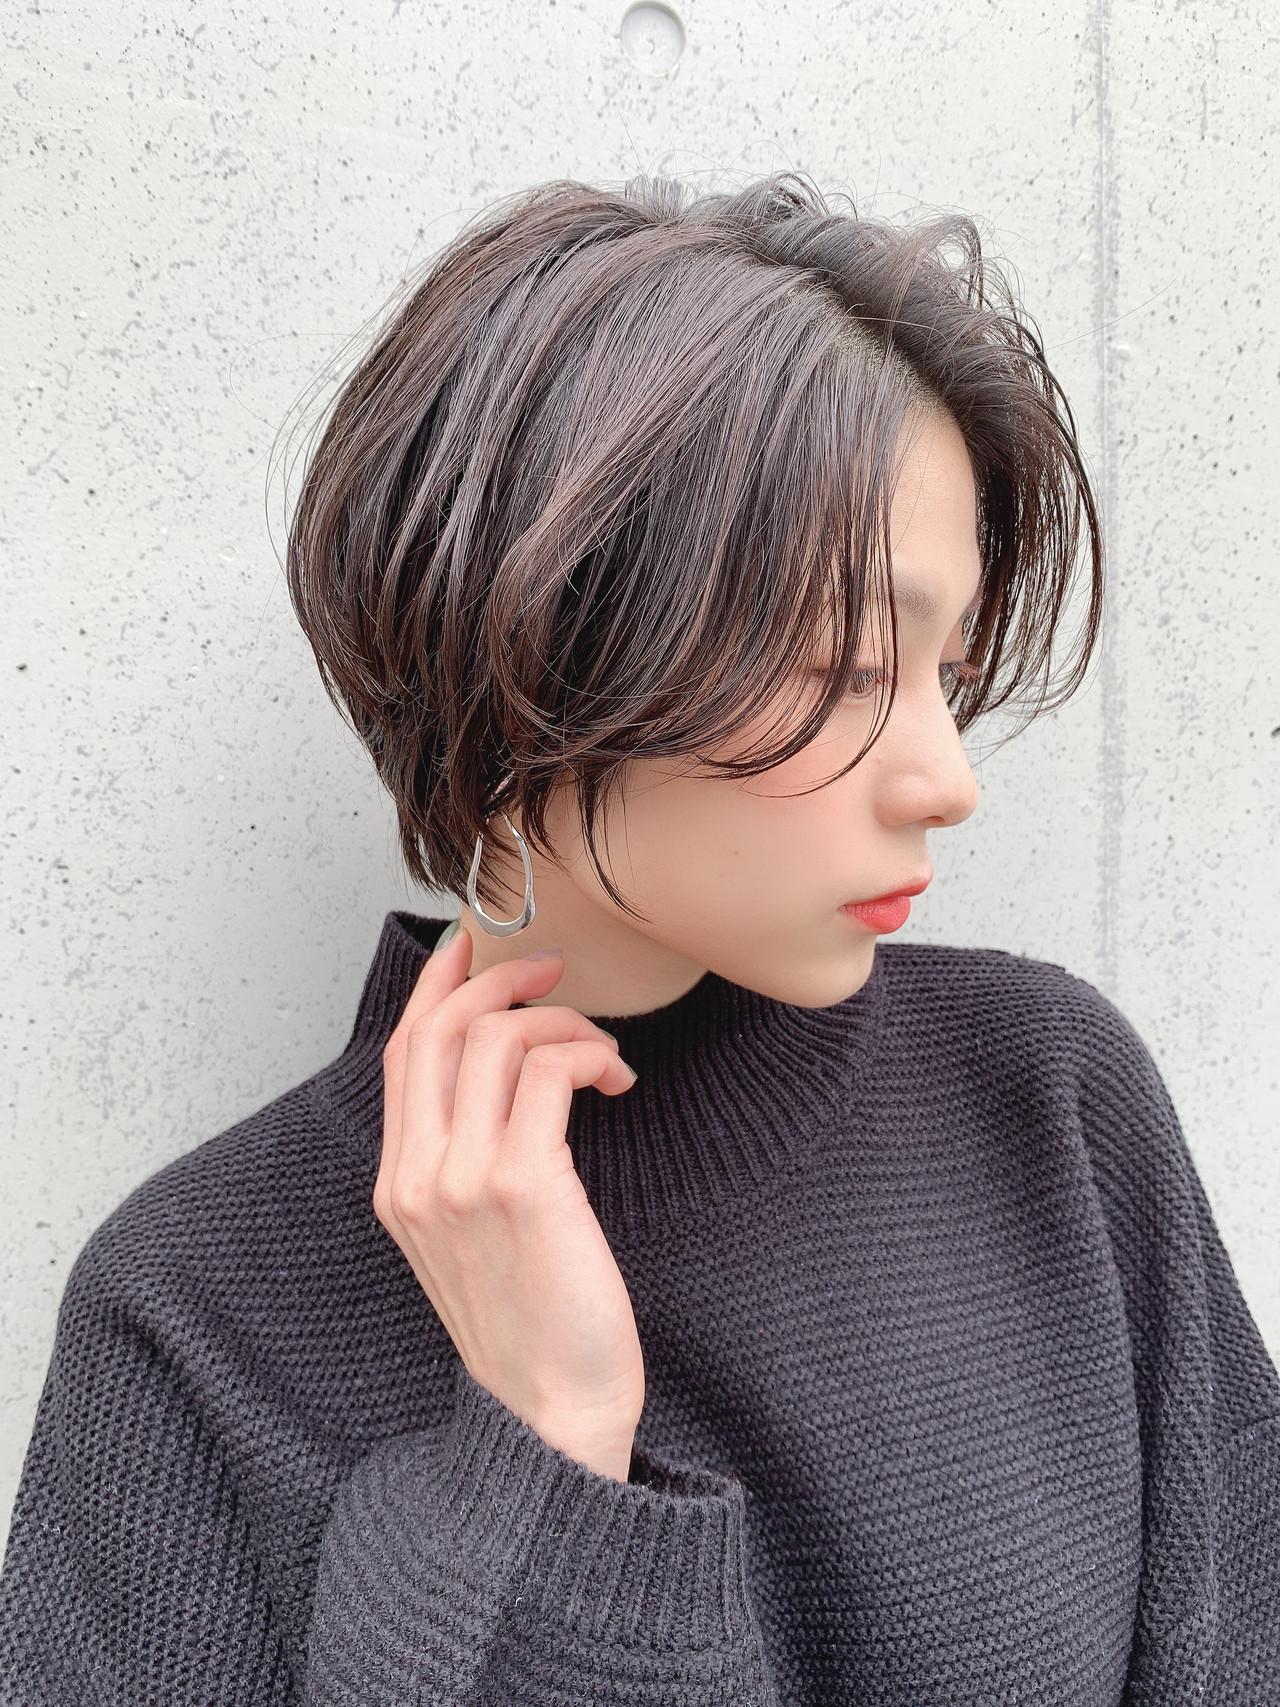 小顔ヘア ショートヘア 大人可愛い ショート ヘアスタイルや髪型の写真・画像 | 山口 健太 / Lond ange